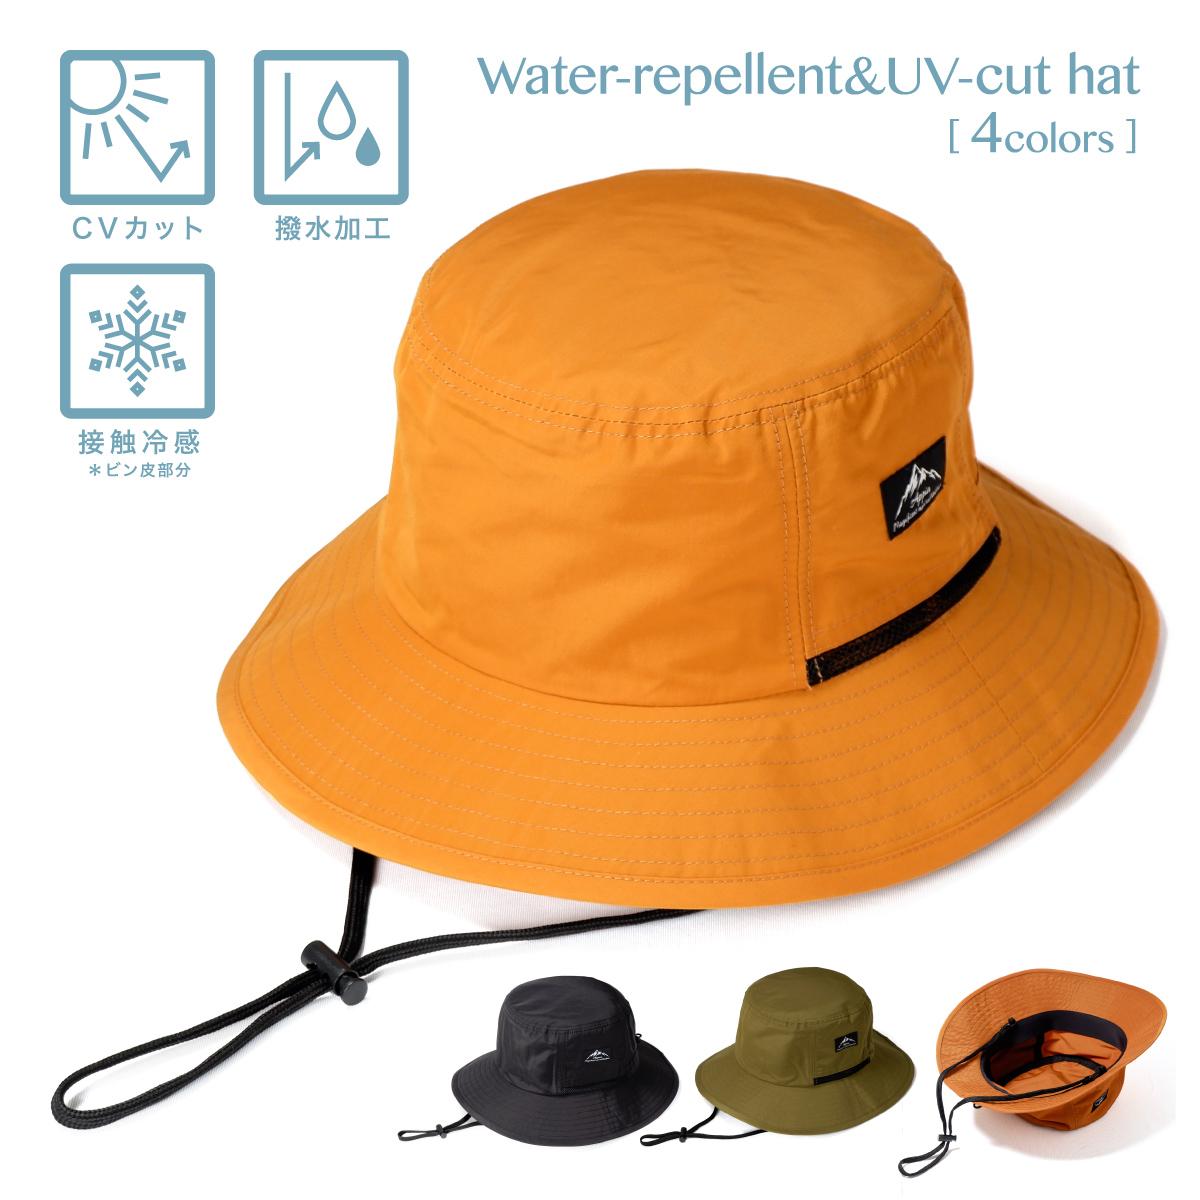 帽子 サファリ アドベンチャー 紫外線対策 はっ水 あご紐 撥水ひんやりUVカットハット 送料無料 ストラップ 返品送料無料 ギフト 母の日 40%OFFの激安セール